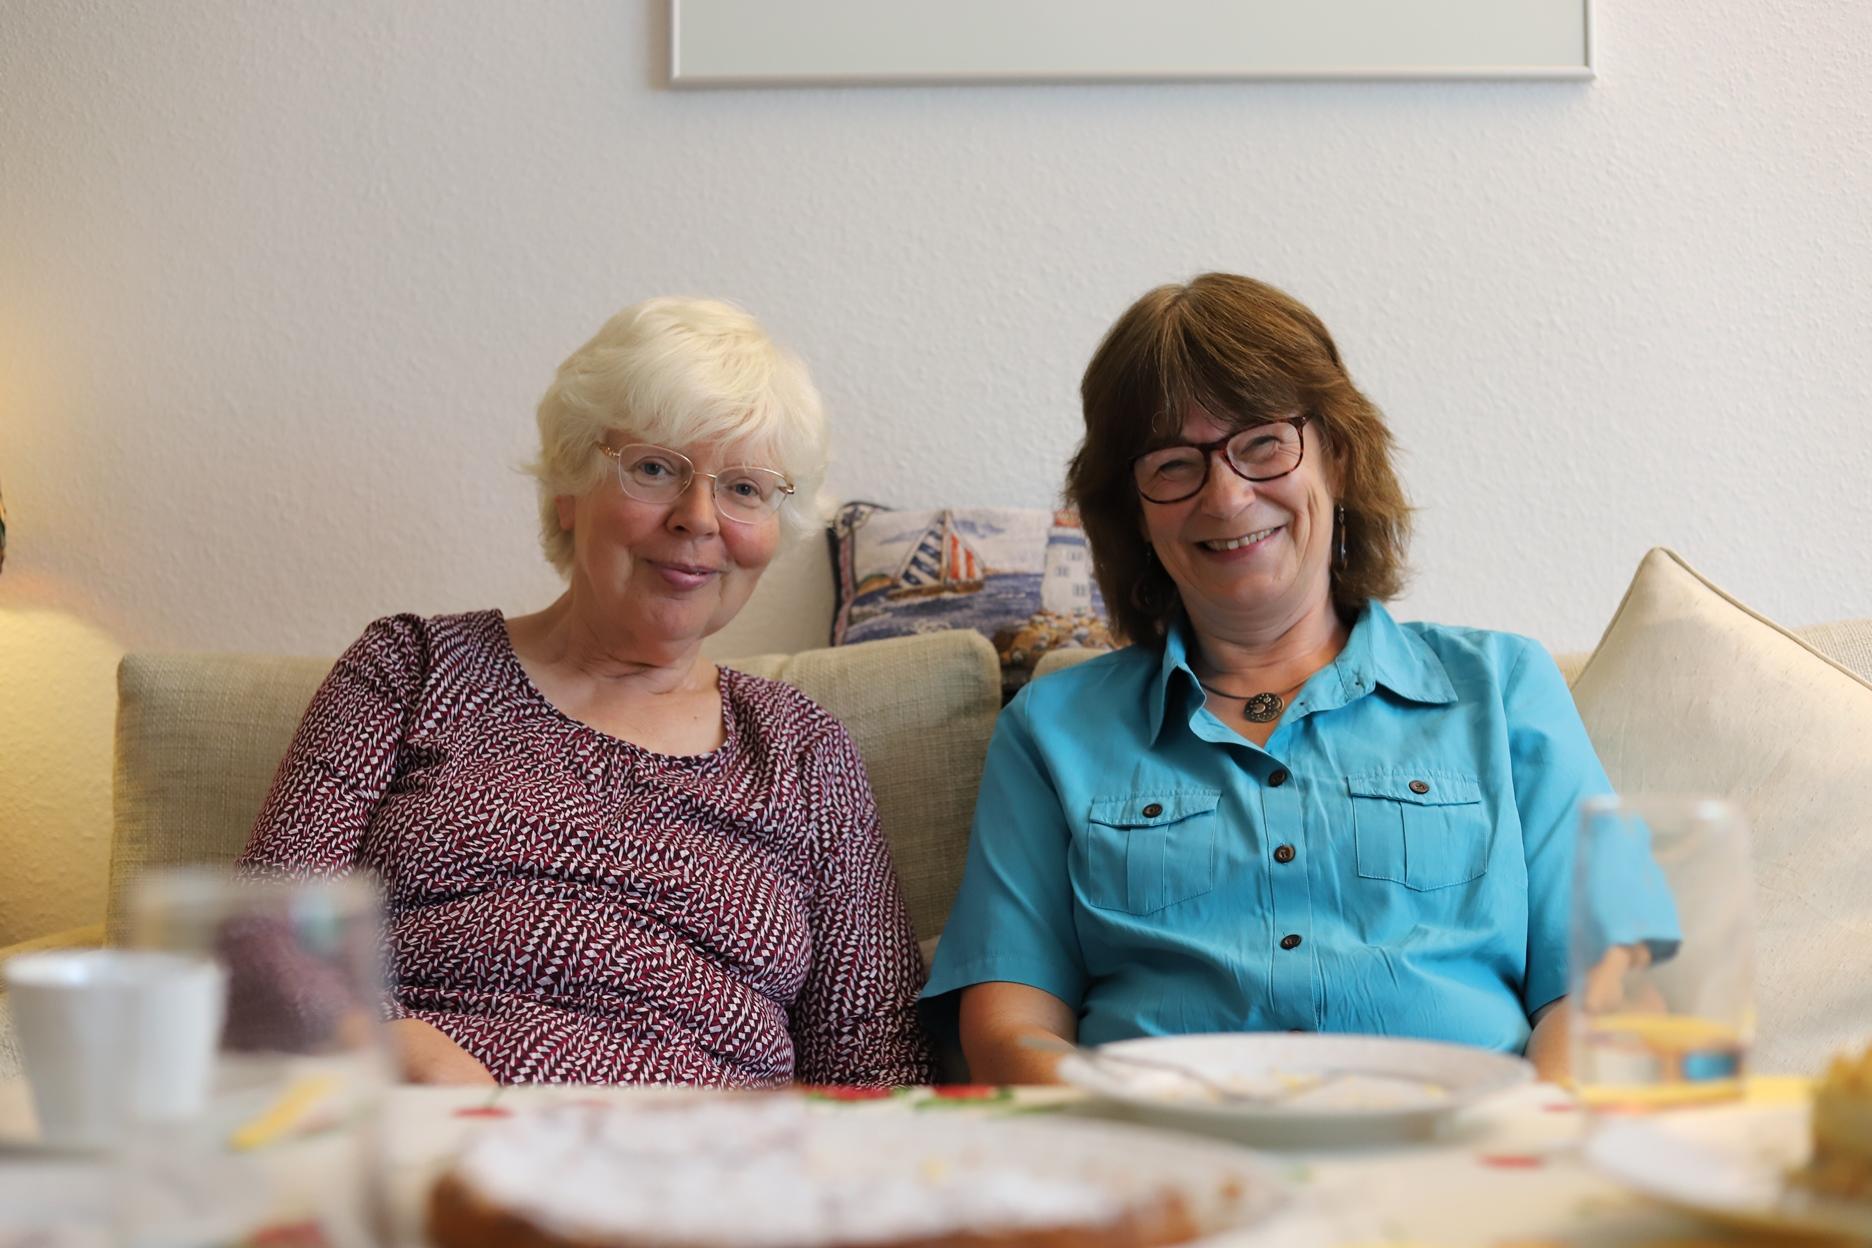 Zwei Frauen sitzen auf einem Sofa im Wohnzimer und lächeln in die Kamera.